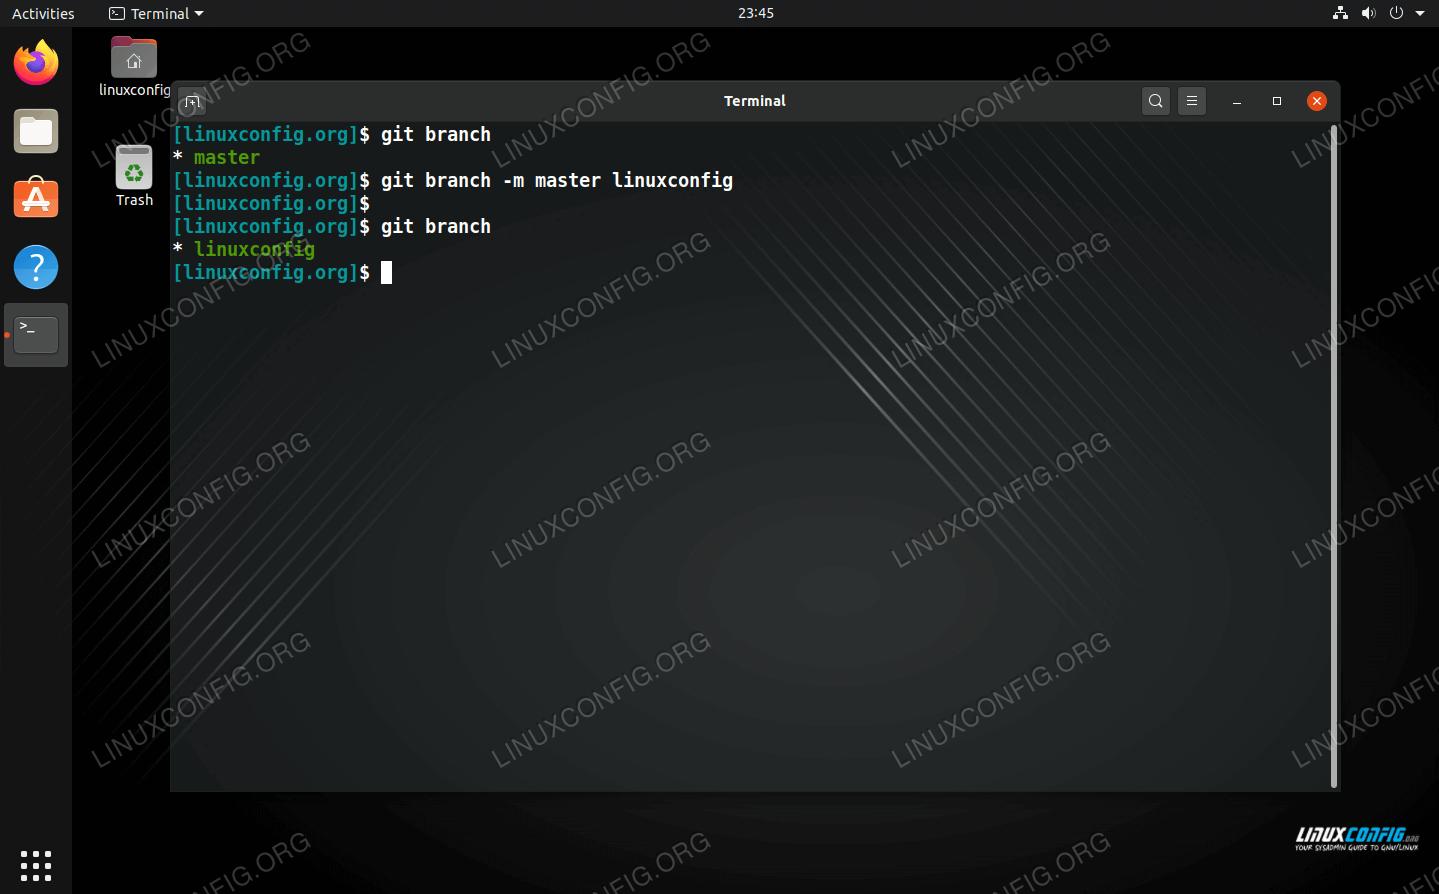 Renaming Git branch